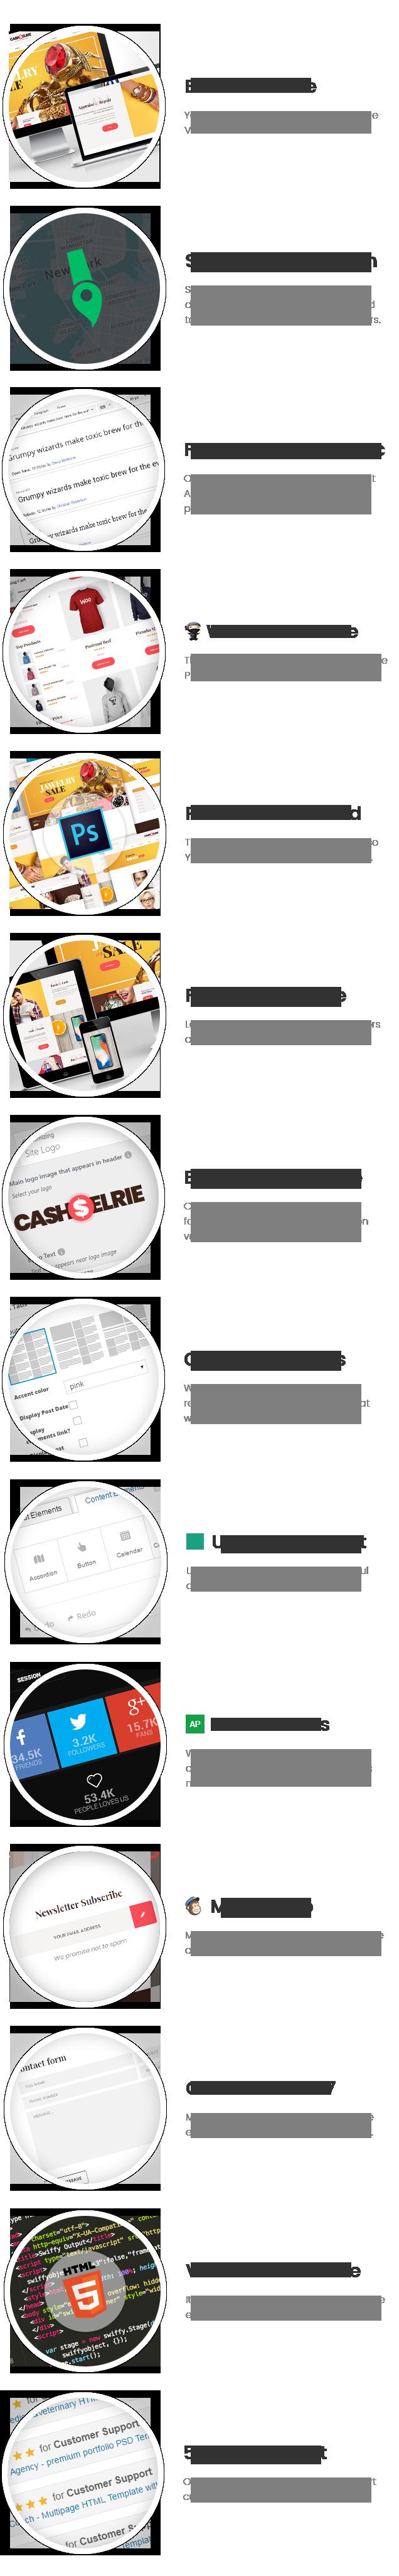 Cashelrie - Pawn Shop WordPress Theme